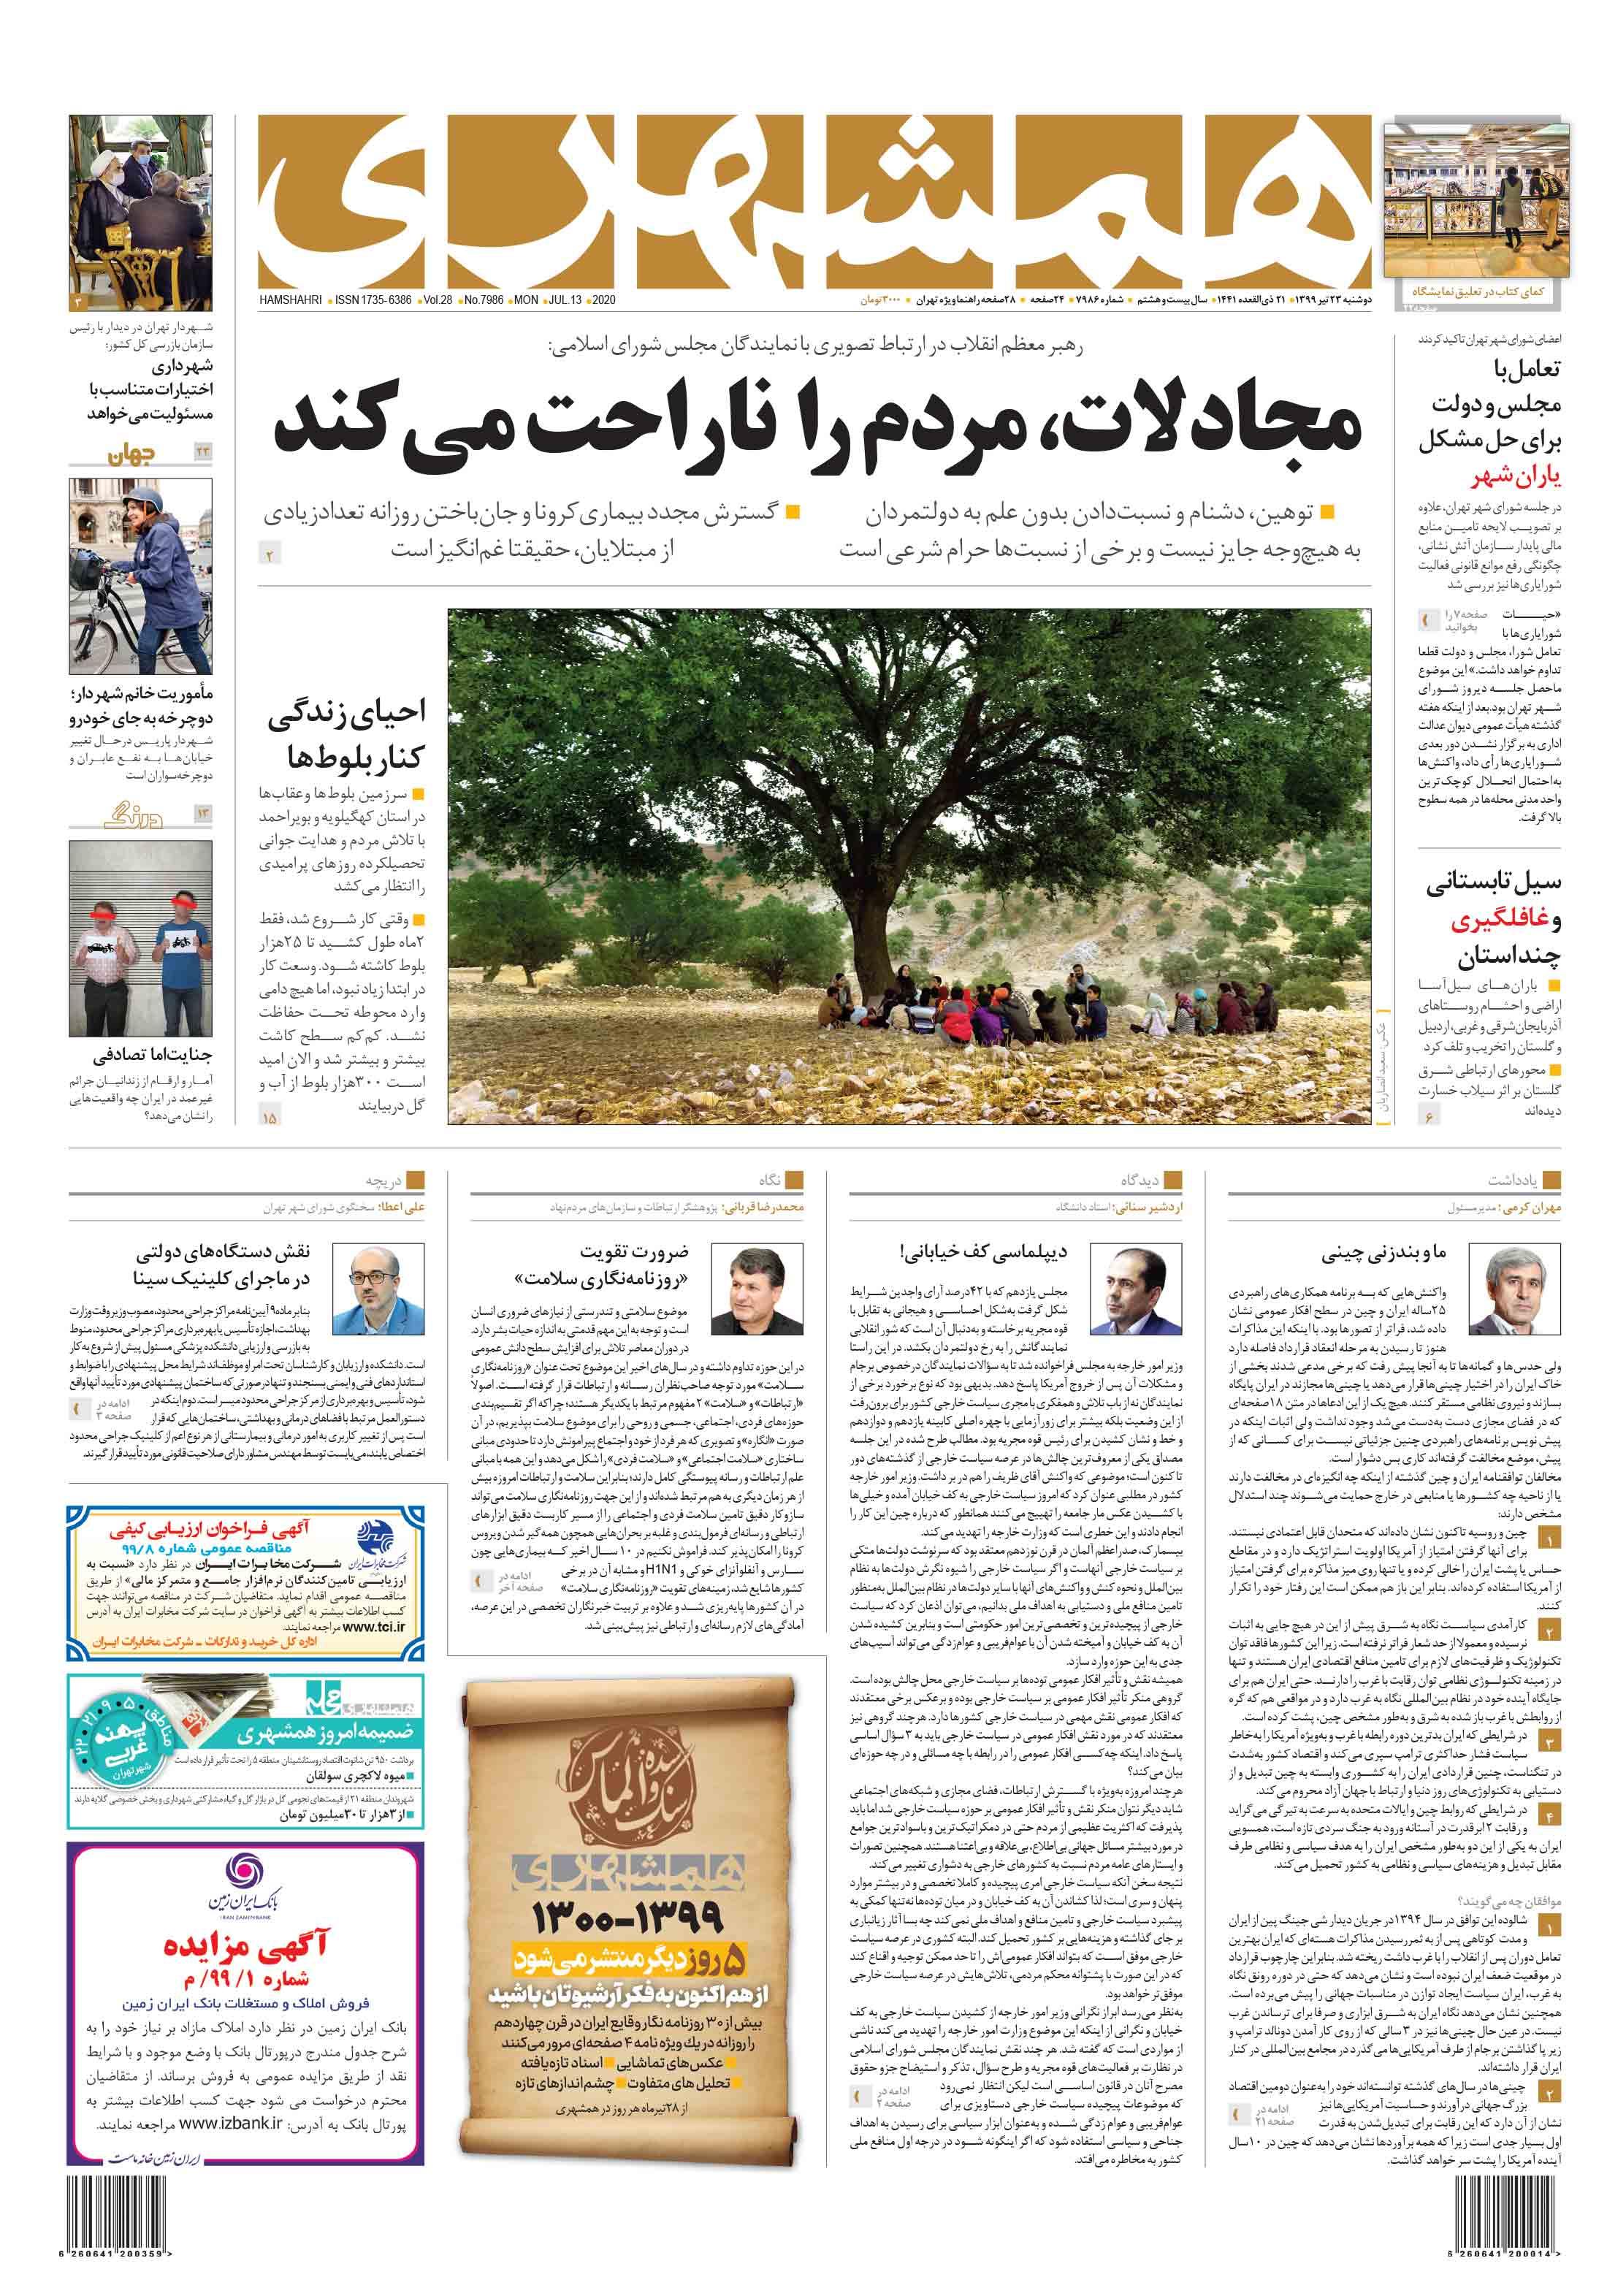 صفحه اول دوشنبه 23 تیر 1399